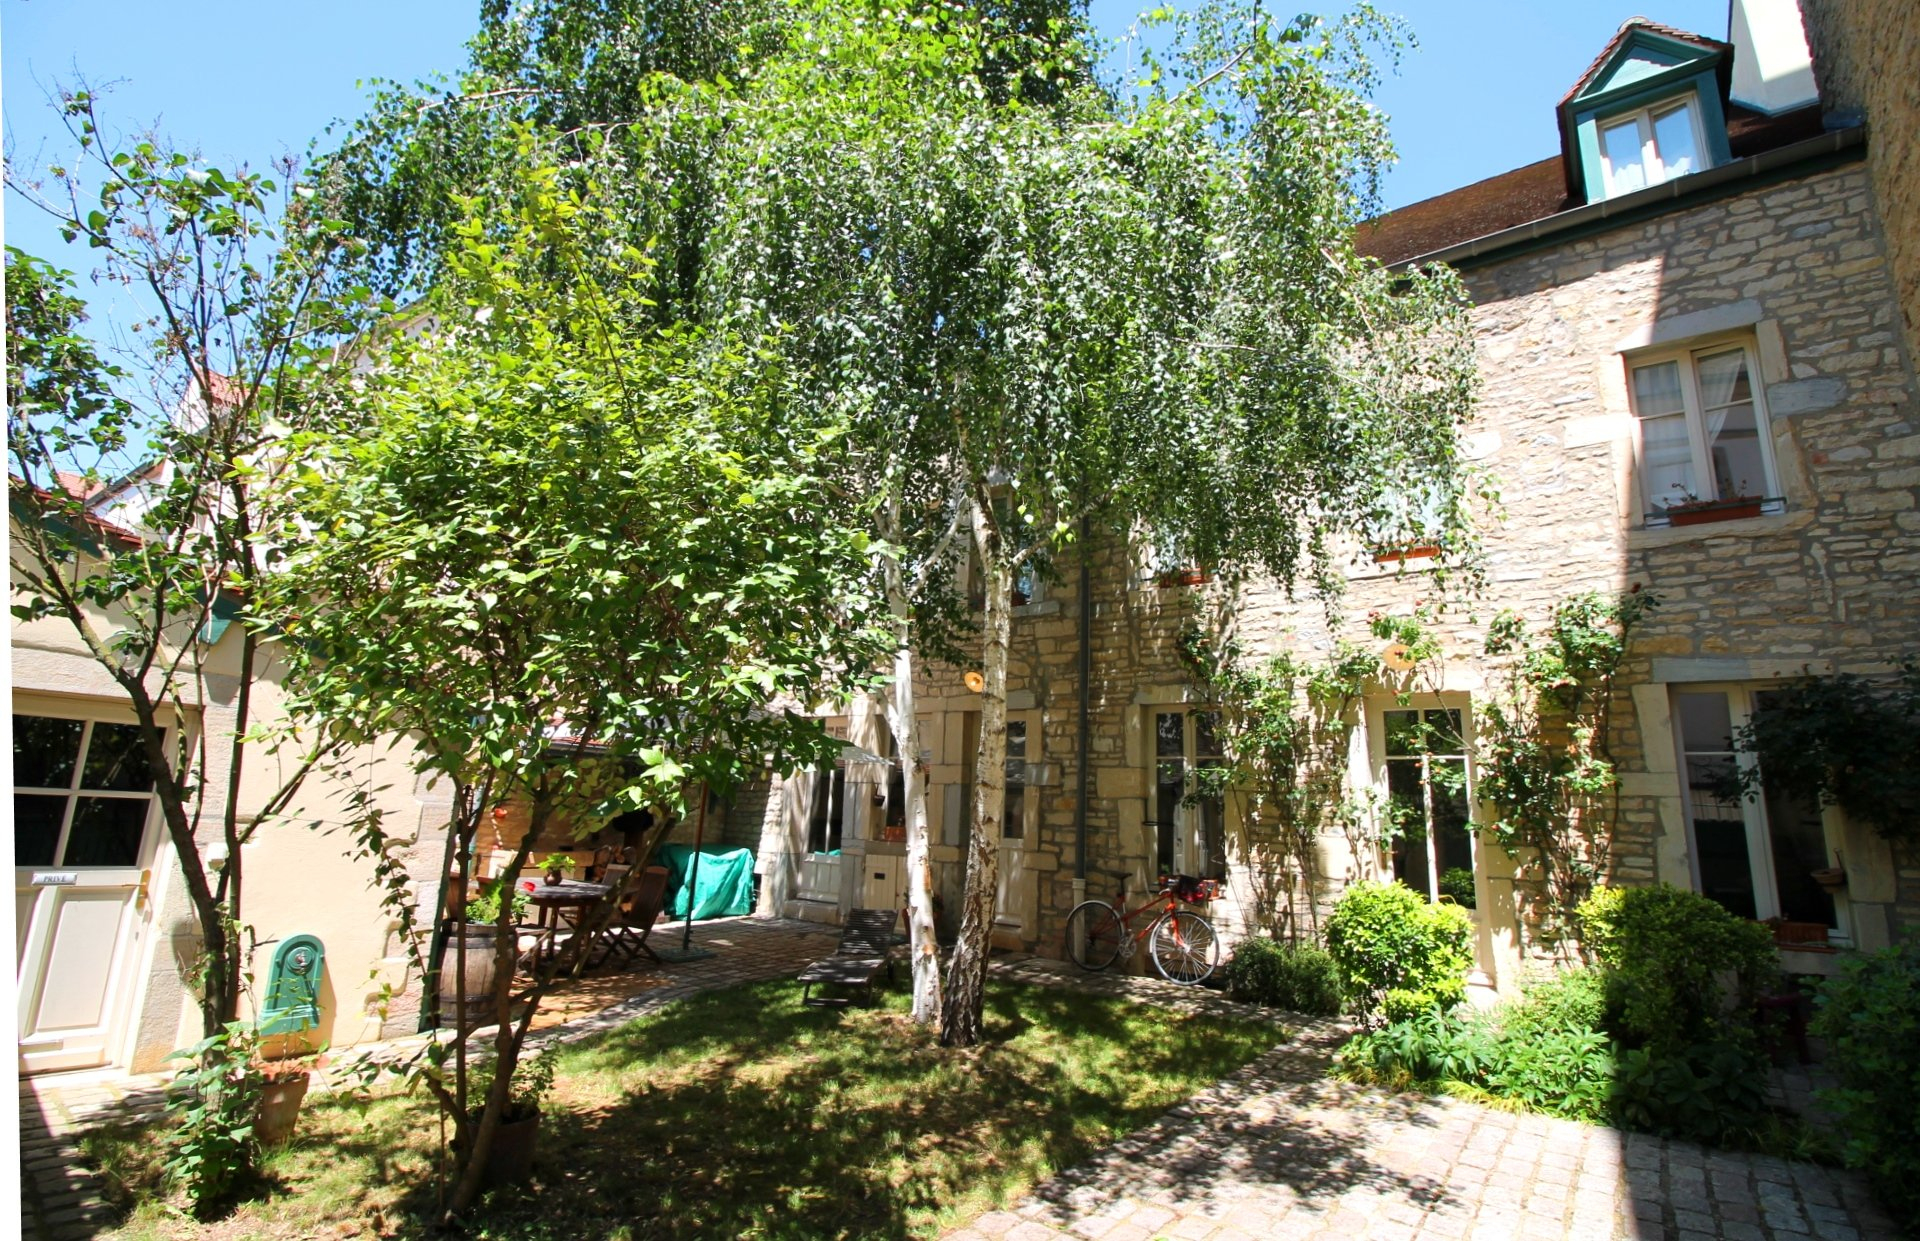 Vente Maison De Ville Avec Jardin Et Stationnement Dijon Centre à Appartement Rez De Jardin Dijon